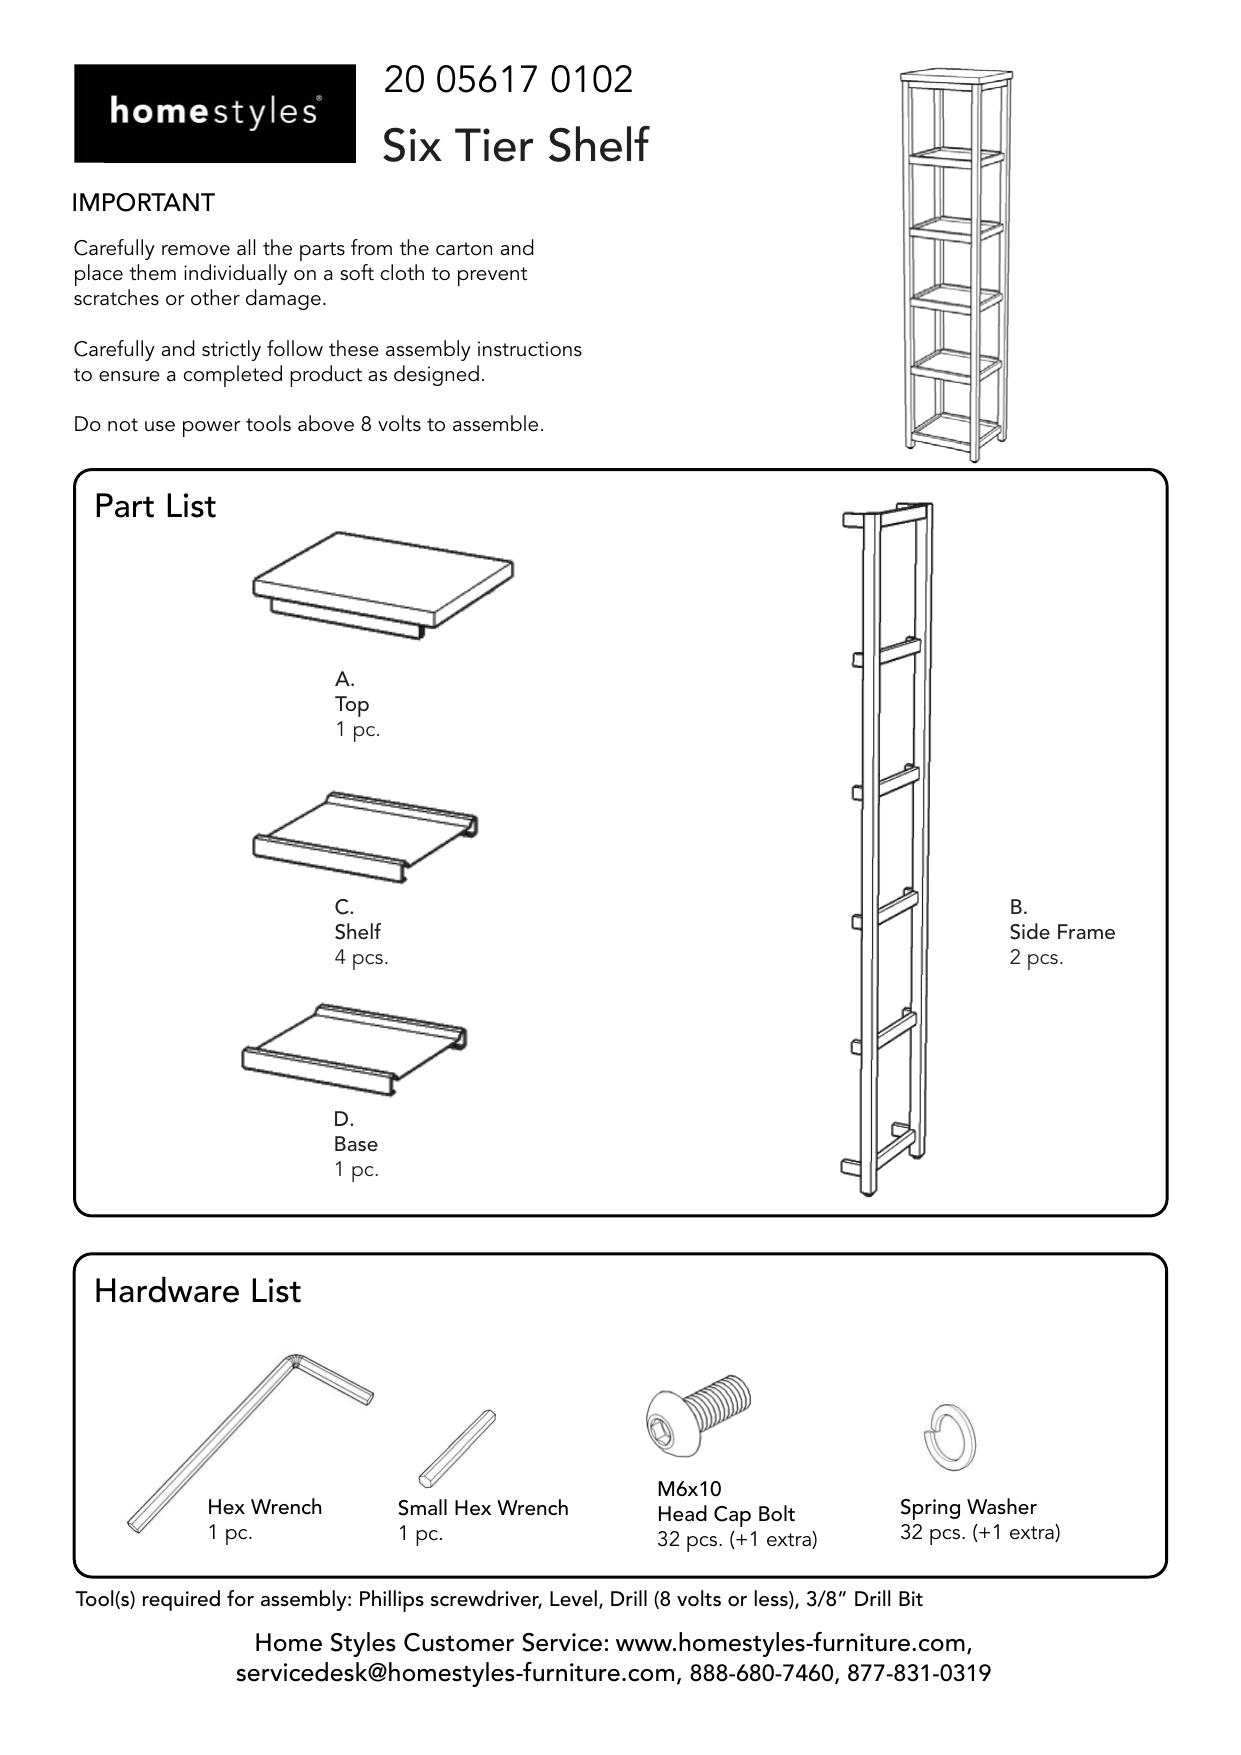 Frigidaire 241616607 Shelf Manual Guide